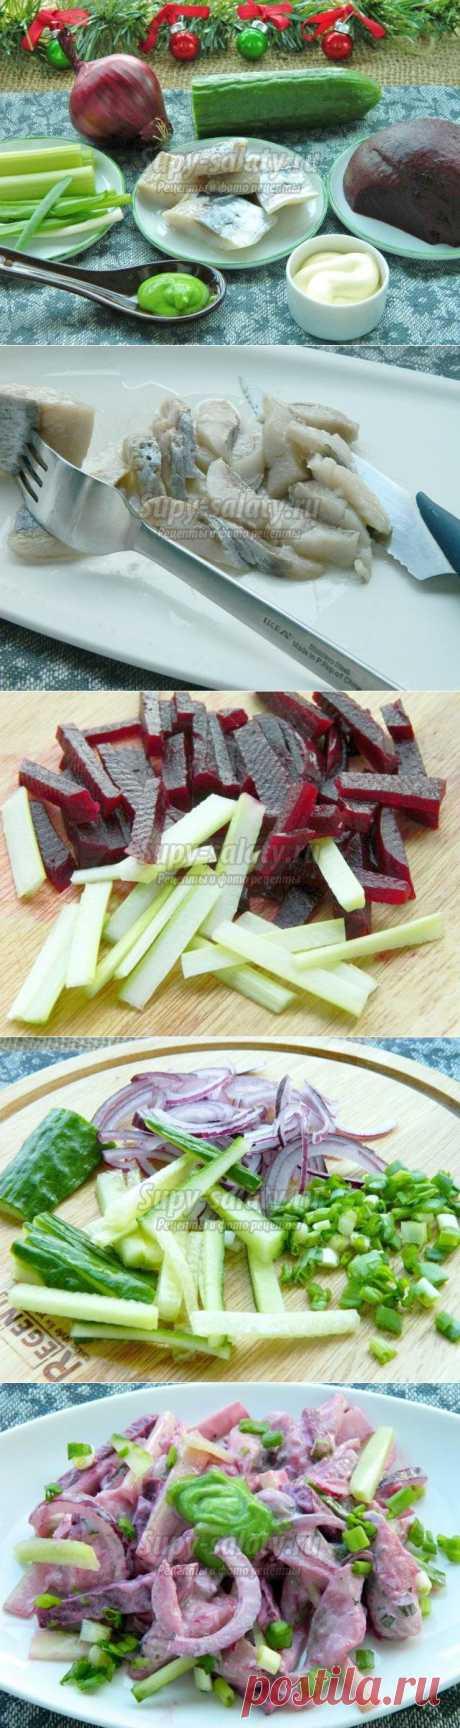 Новогодний салат «Селедка без шубы». Рецепт с пошаговыми фото